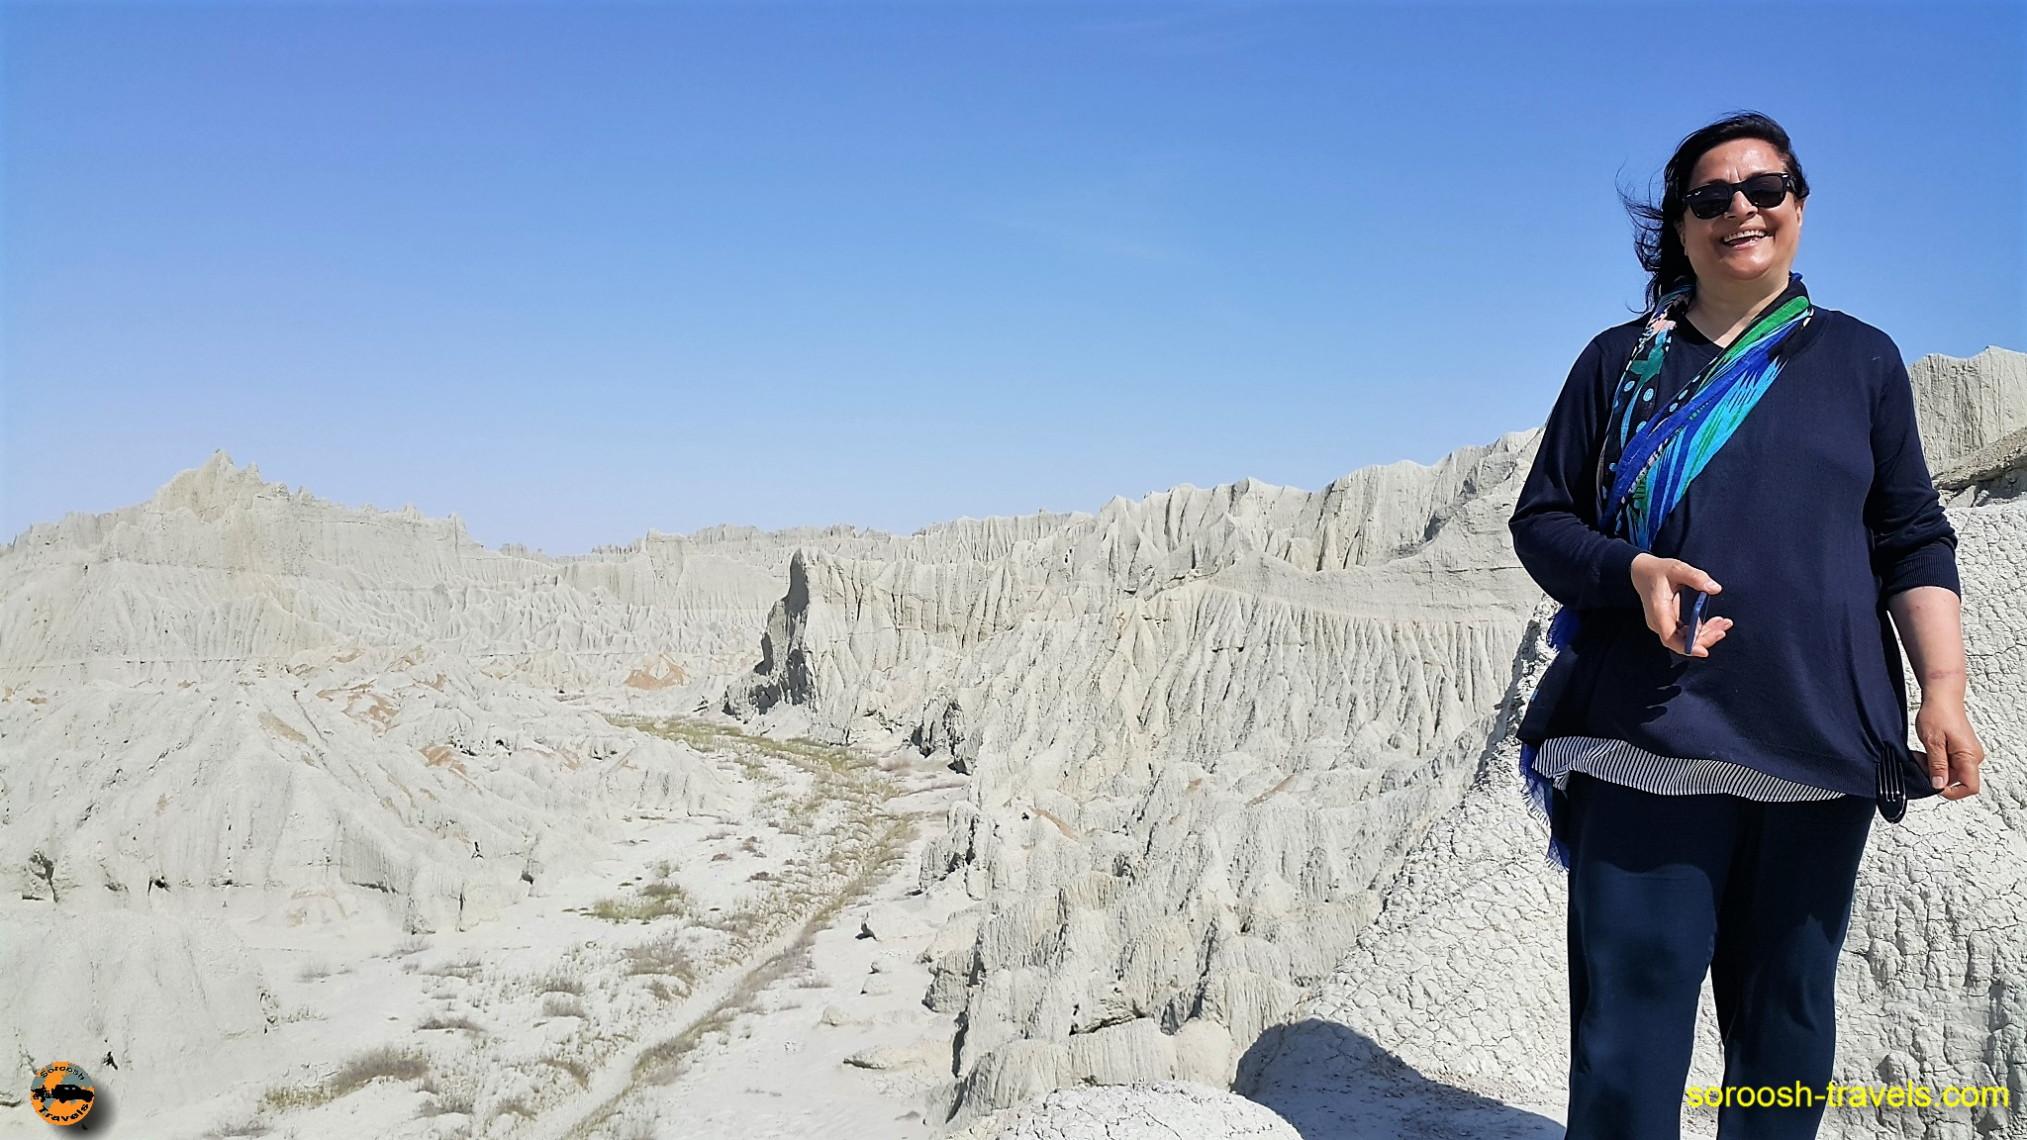 منطقه کوههای مریخی - نوروز ۱۳۹۶